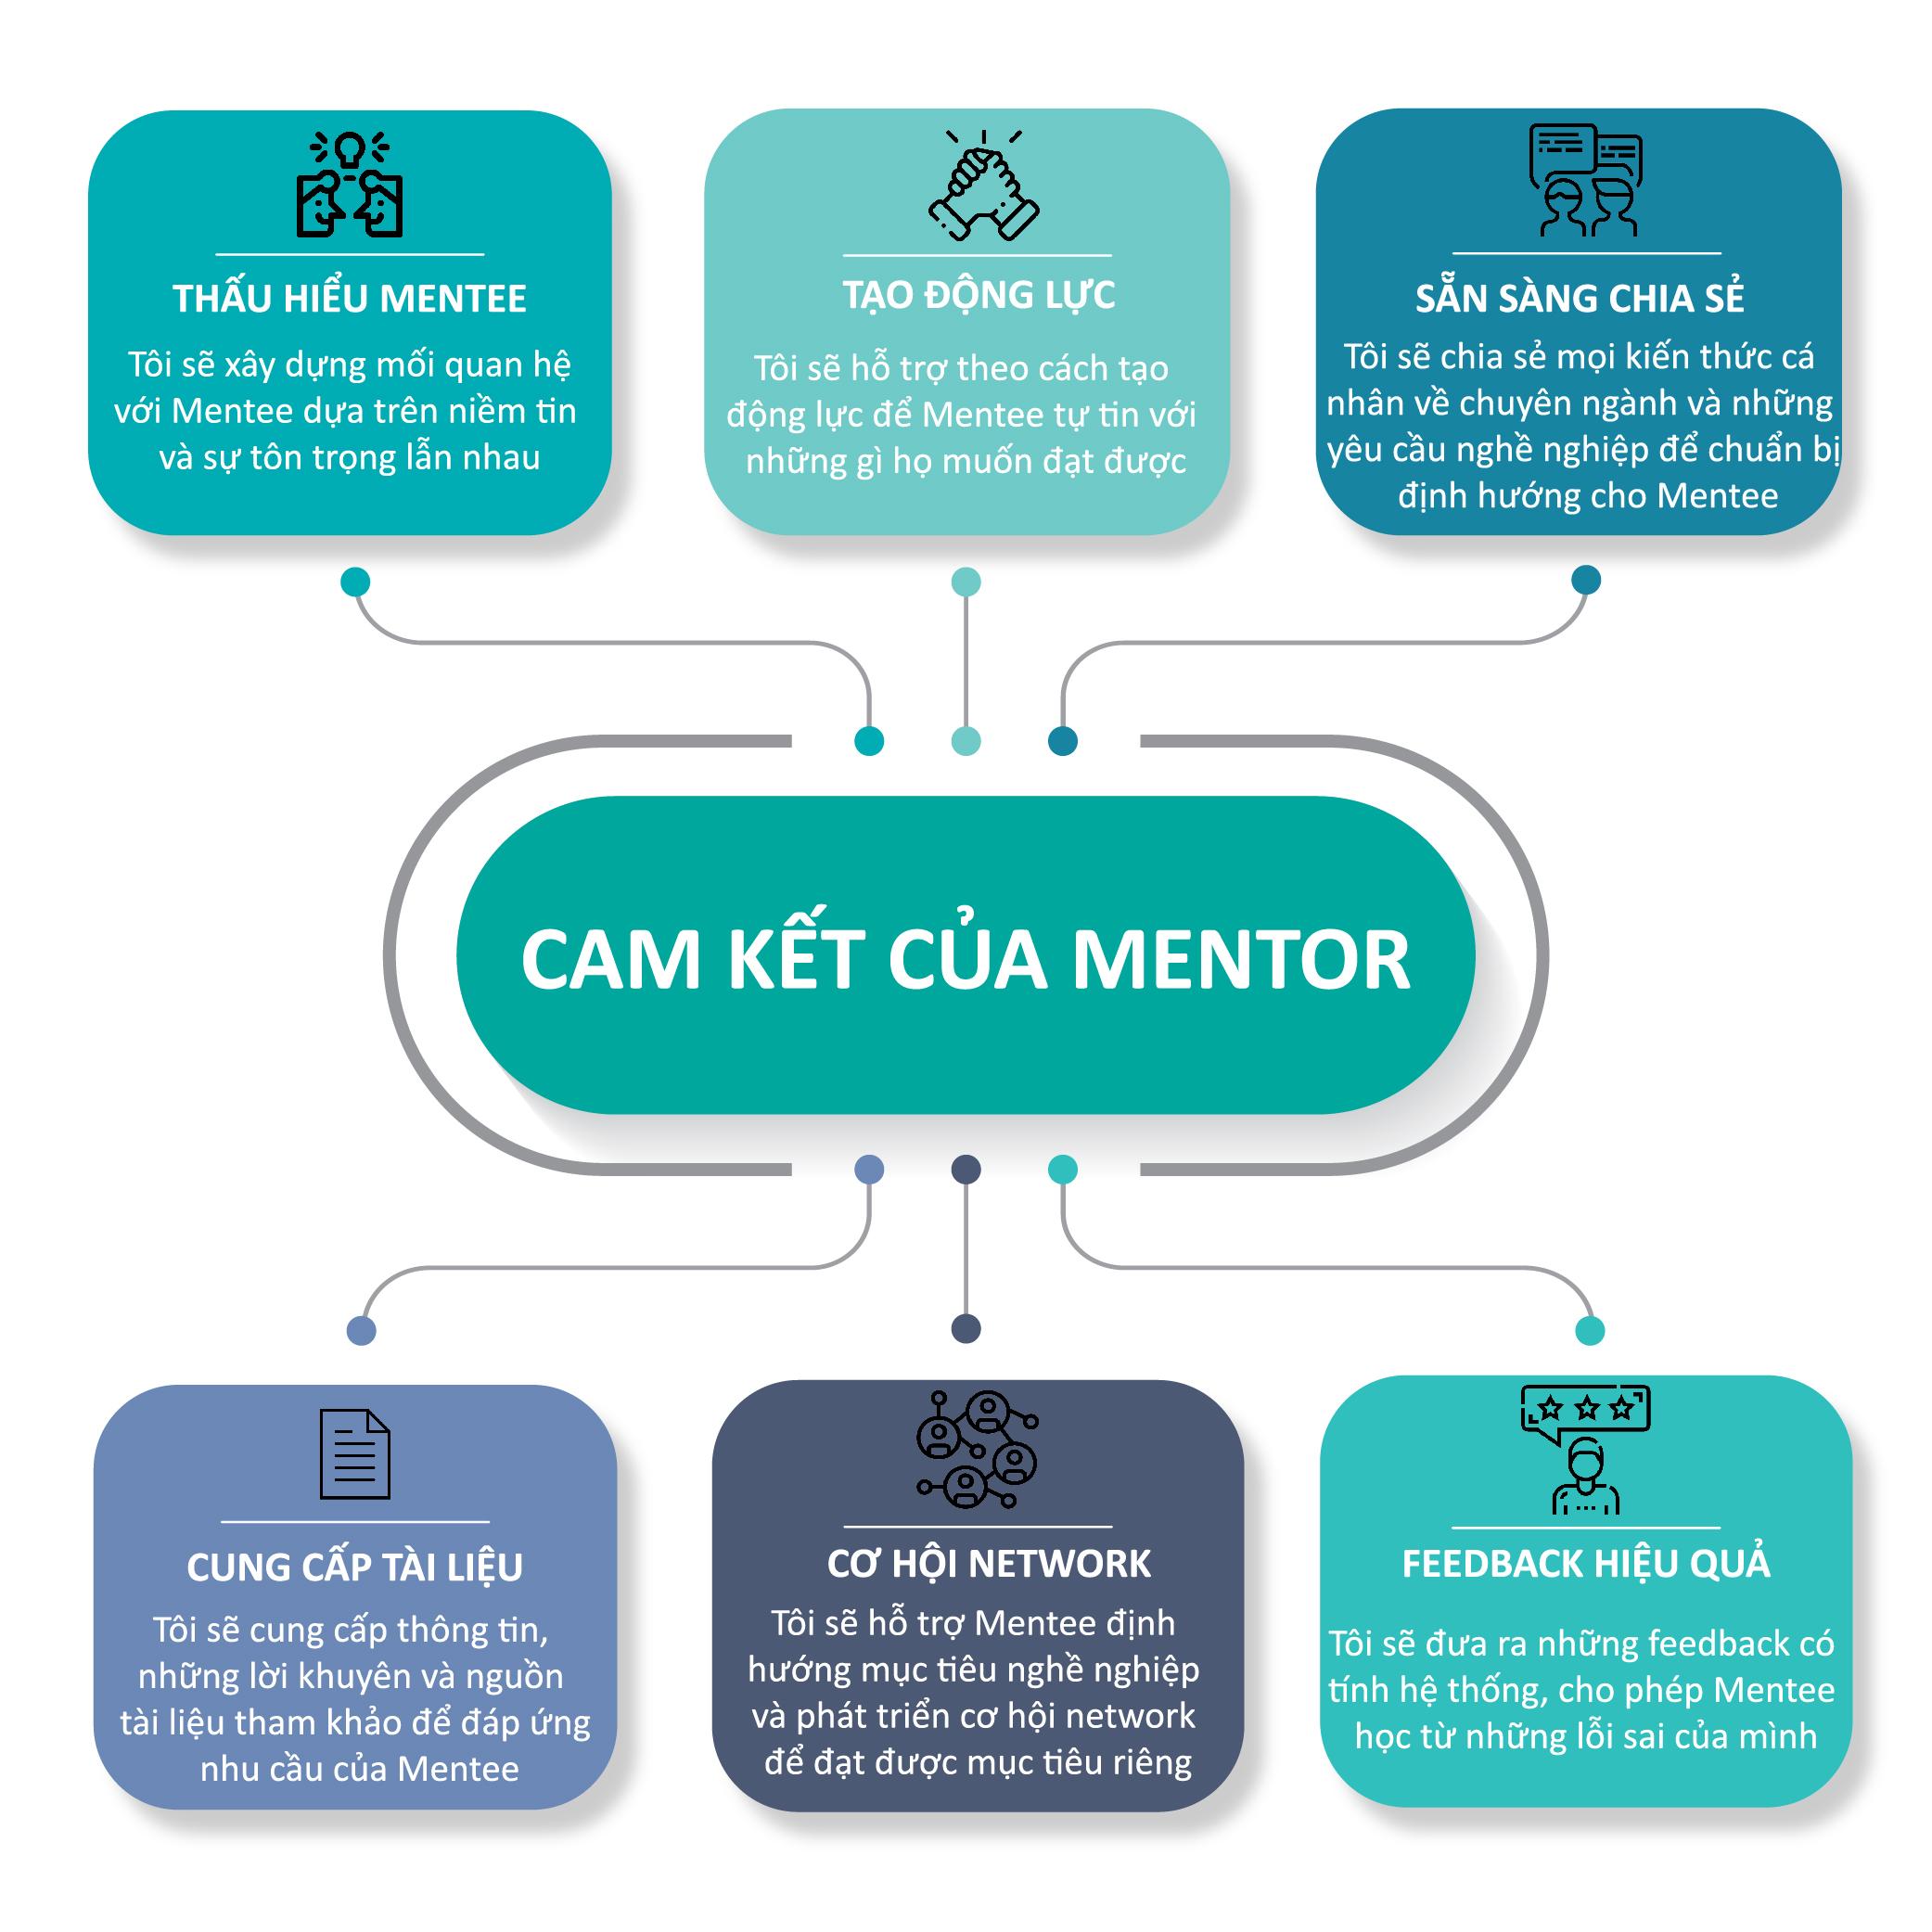 Cam kết của Mentor